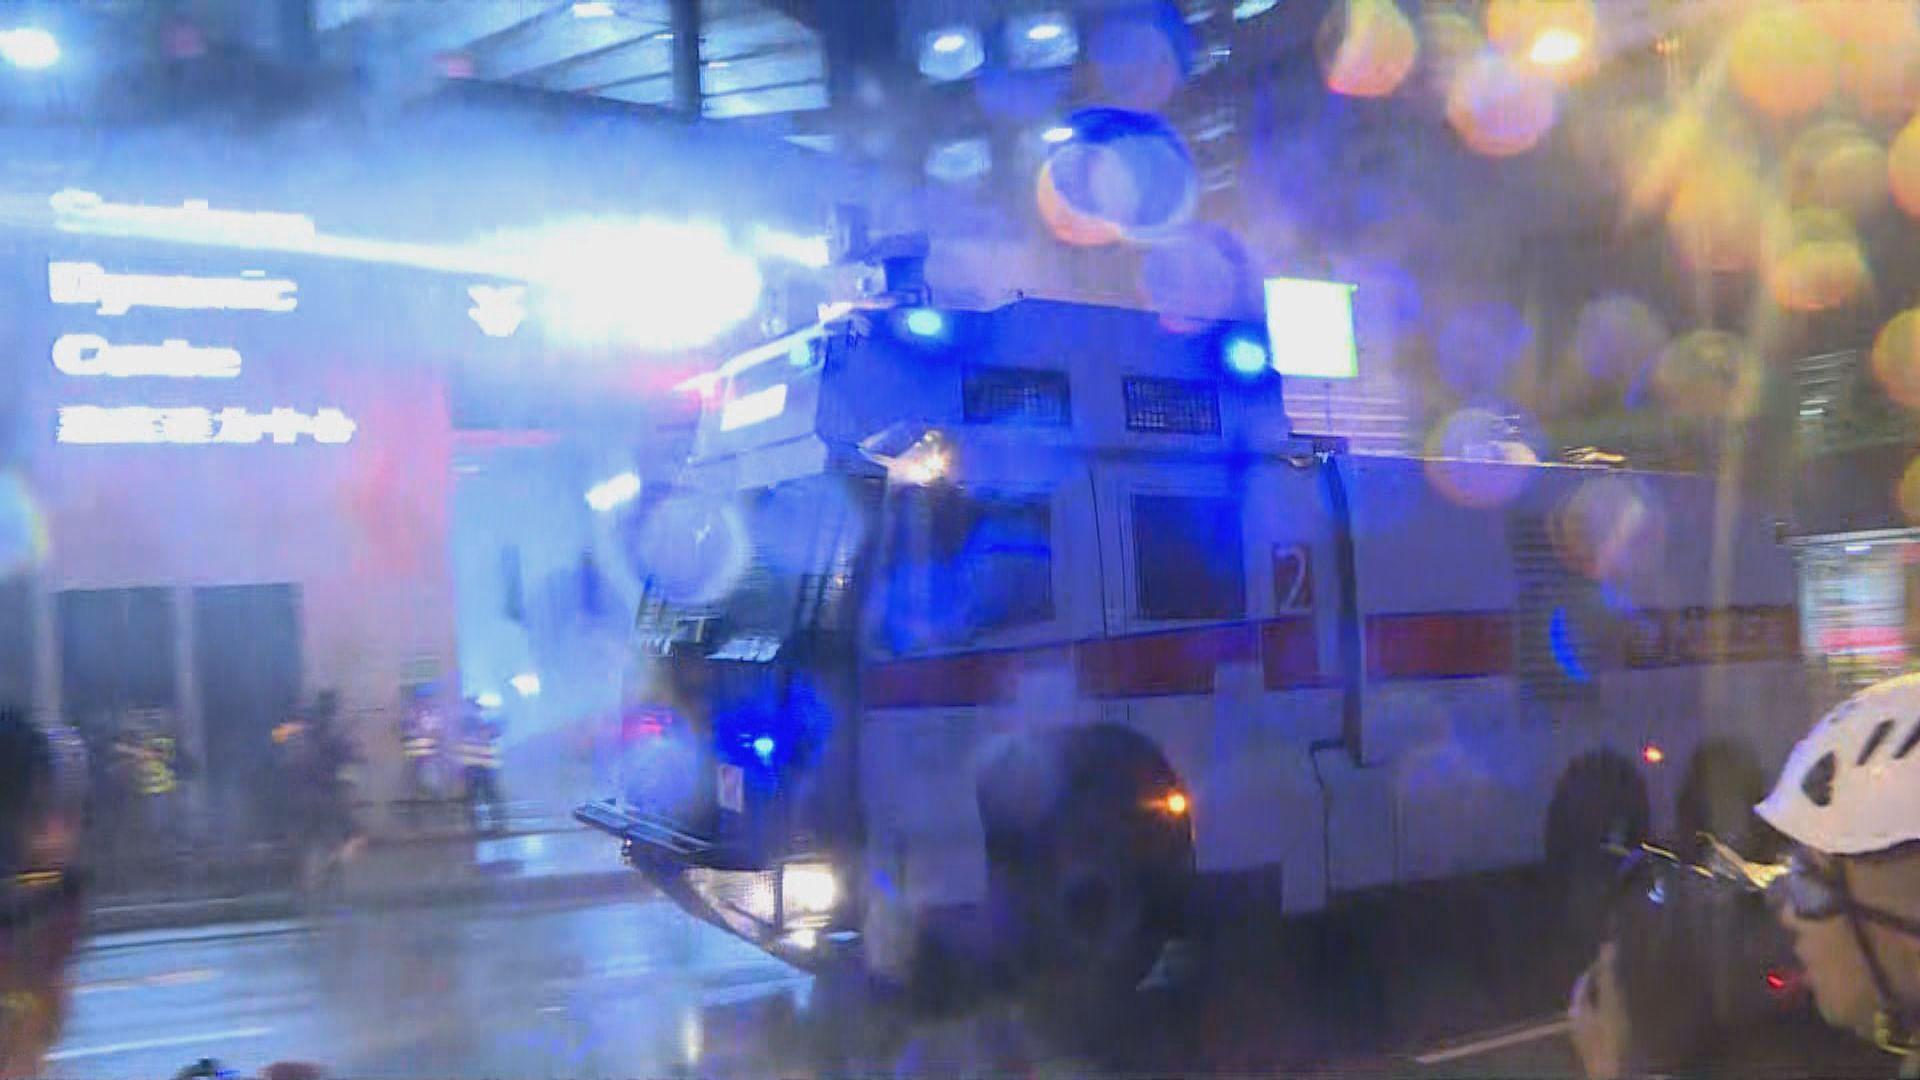 警方入夜後再出動水炮車驅散示威者